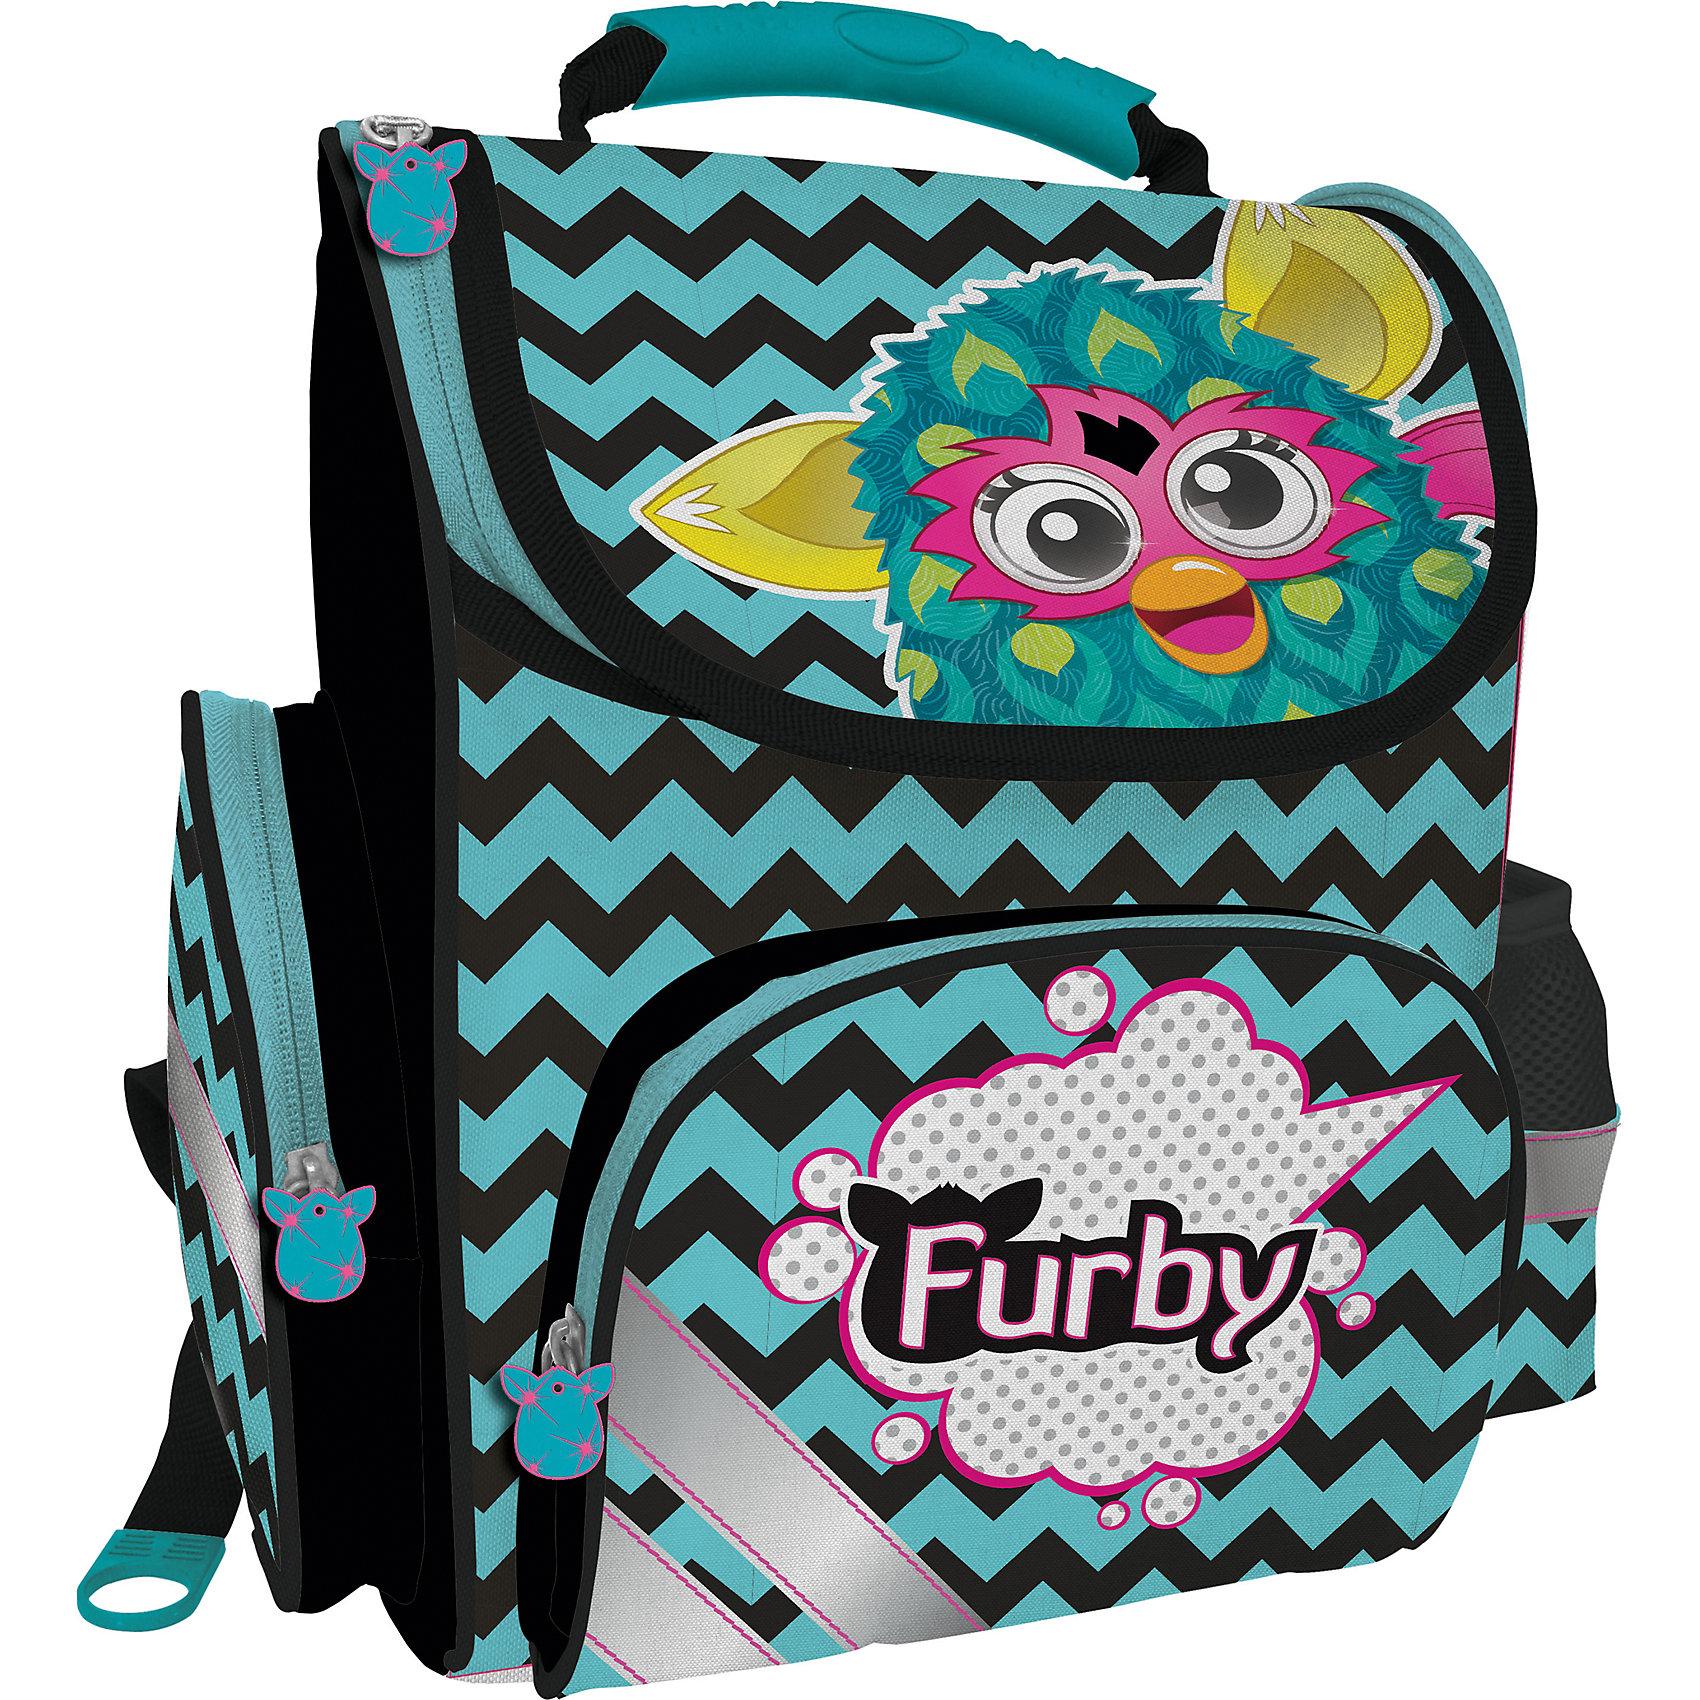 Академия групп Школьный ранец Furby с эргономической спинкой академия групп школьный ранец star wars с эргономической спинкой